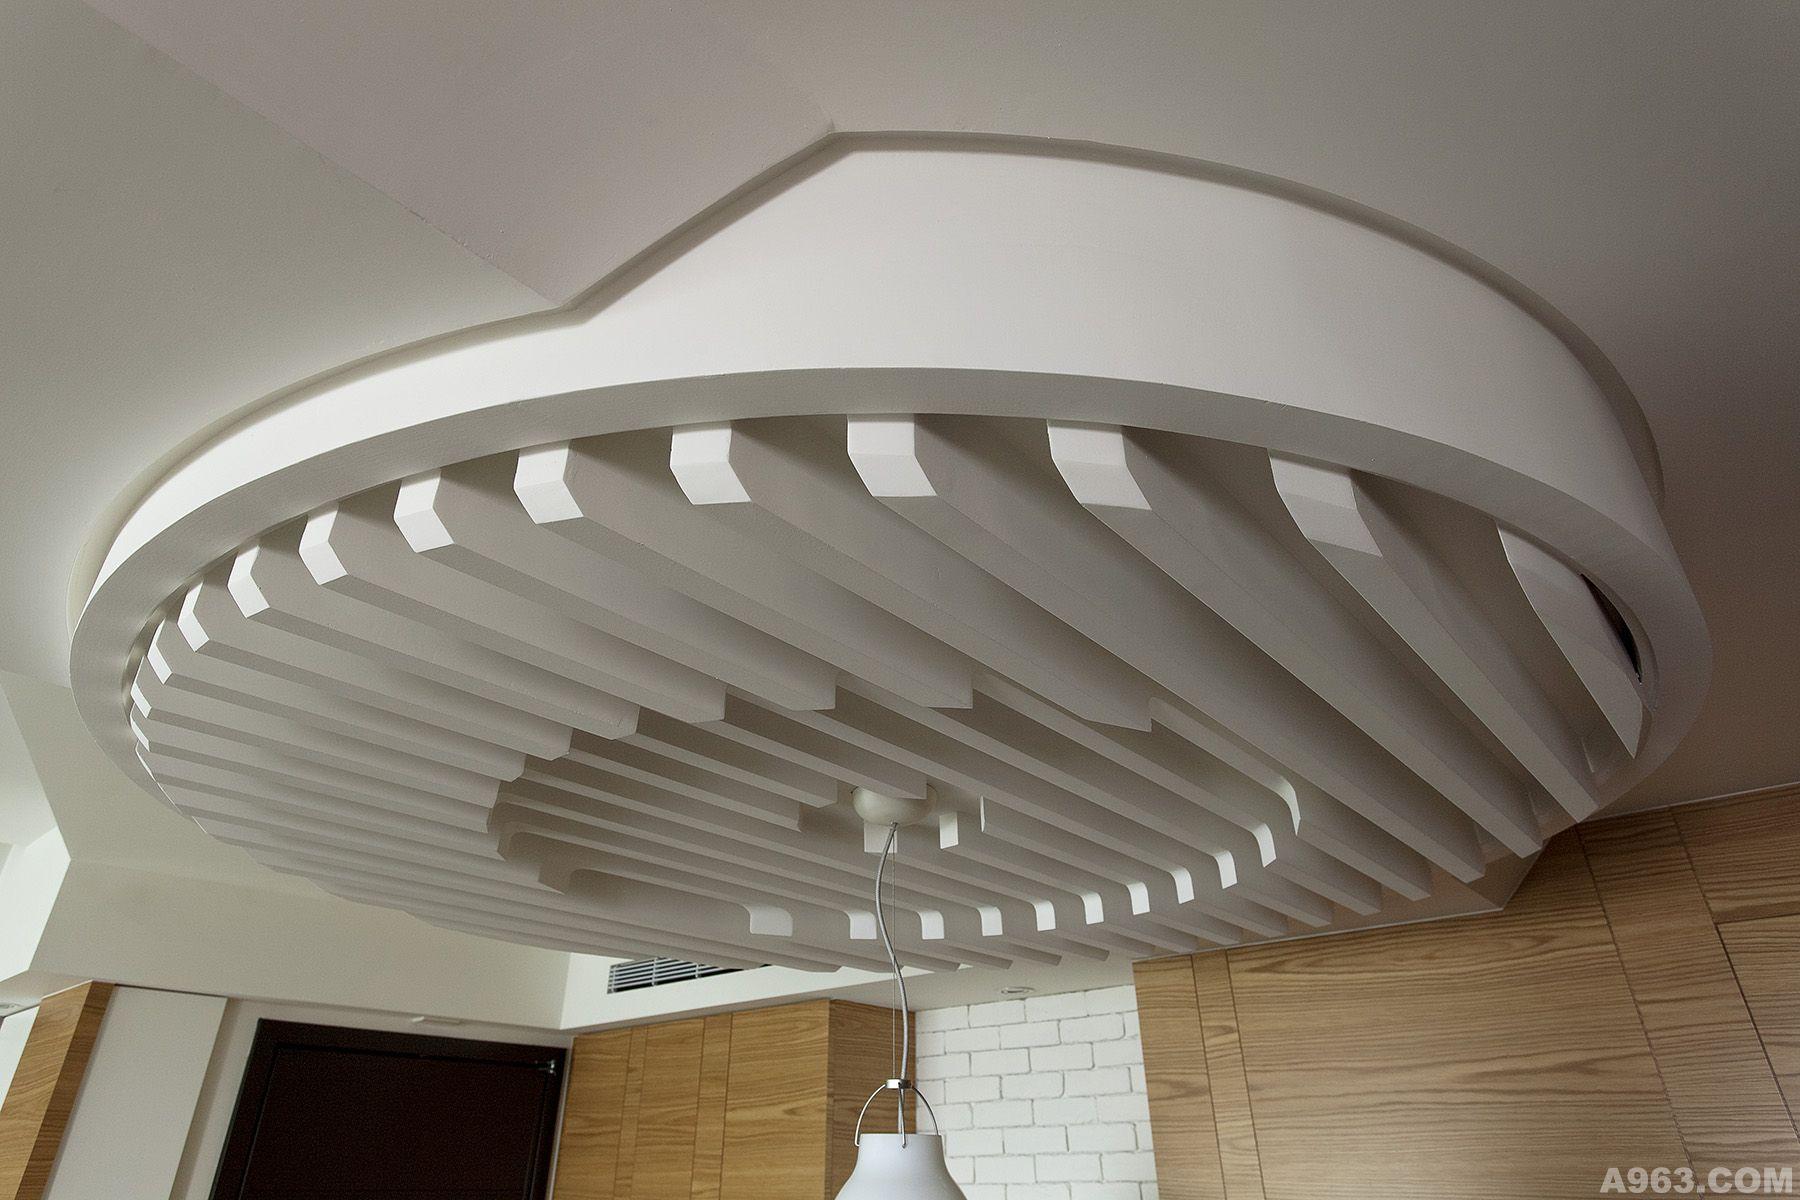 板桥林宅 - 普通家装设计 - 第9页 - 偕志宇设计作品